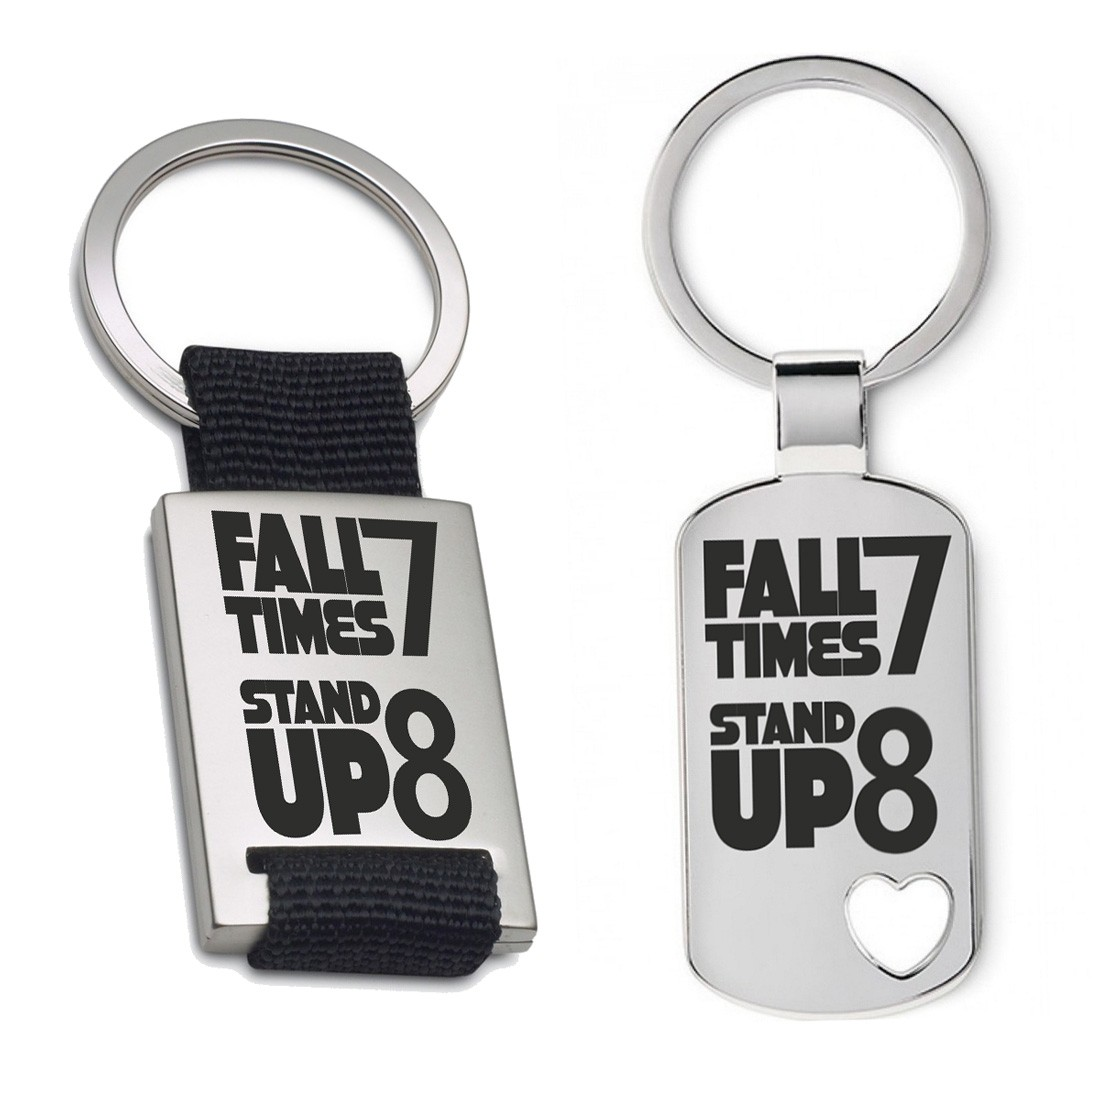 Schlüsselanhänger: Fall seven times